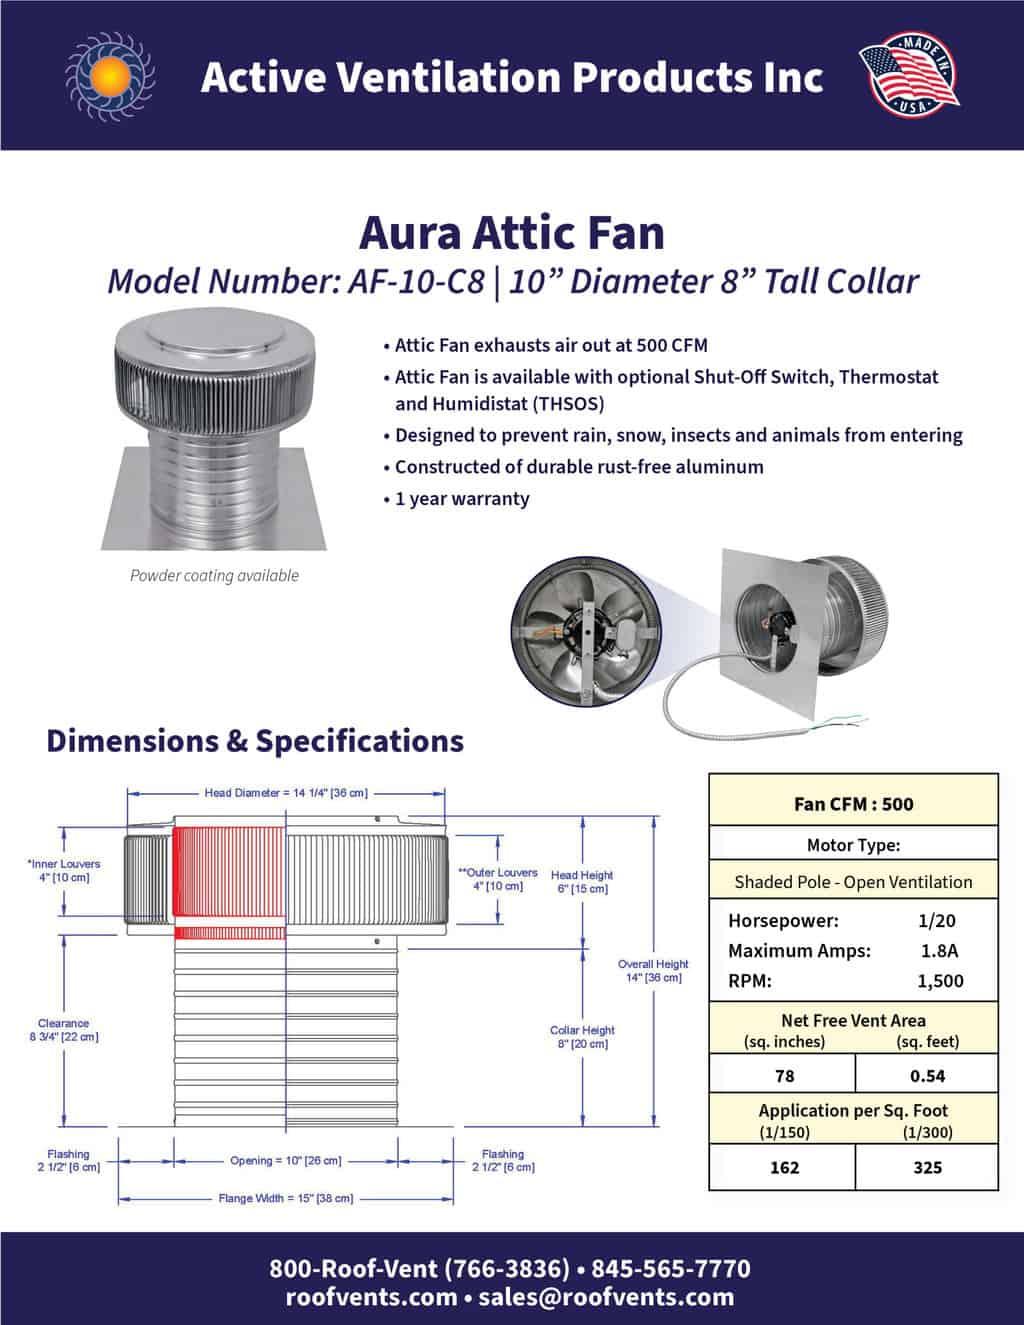 aura attic fan cfm 500 10 diameter